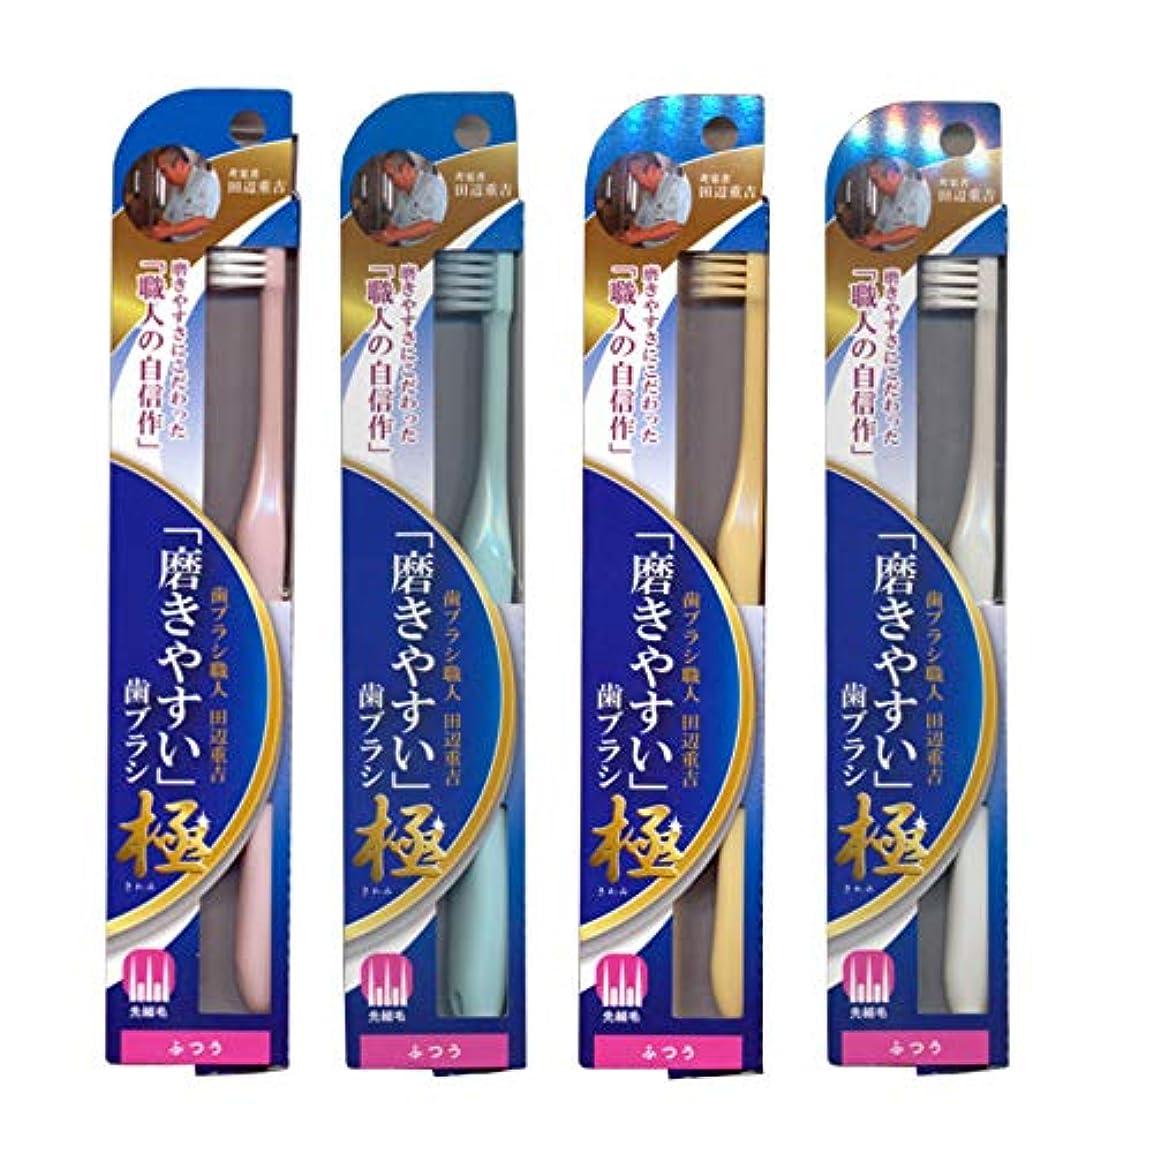 含意夜間確執磨きやすい歯ブラシ極 (ふつう) LT-44×4本セット(ピンク×1、ブルー×1、ホワイト×1、イエロー×1)先細毛